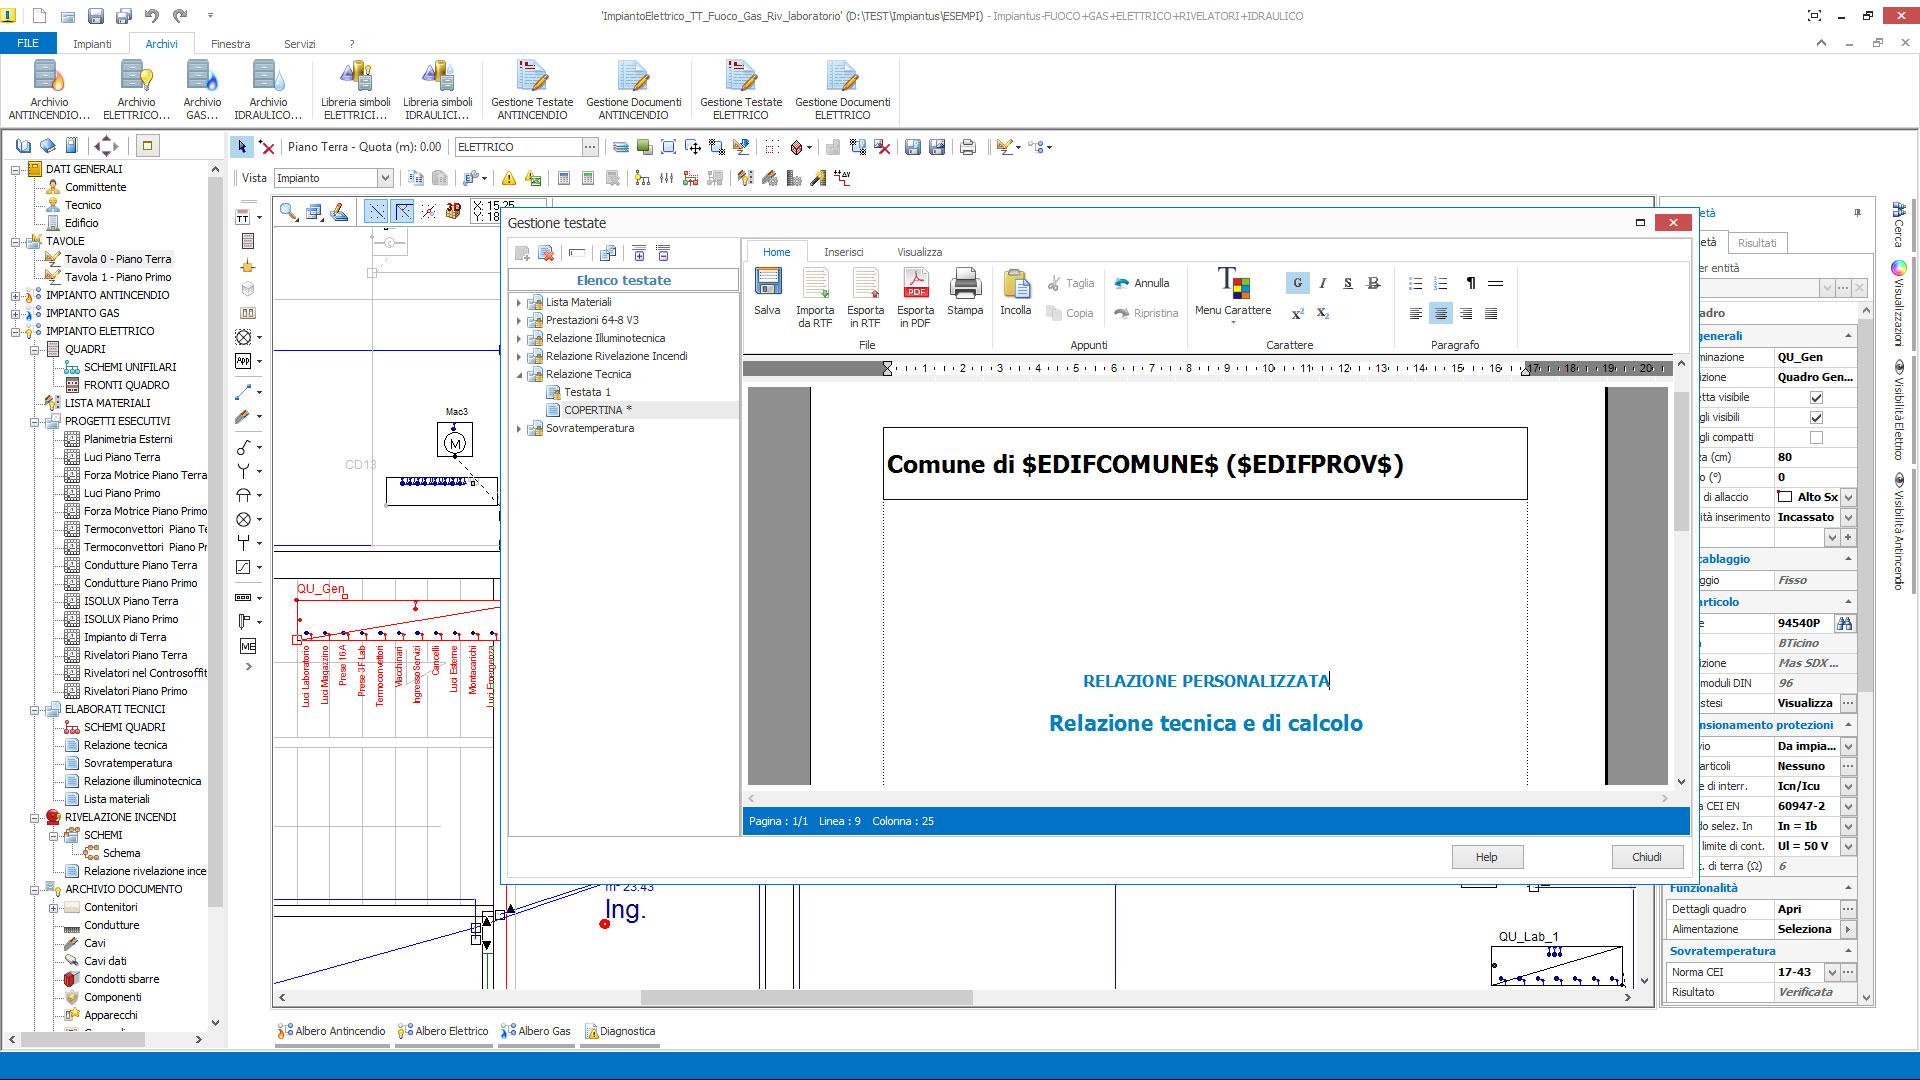 Schema Elettrico Ups : Aggiornamento impiantus elettrico versione